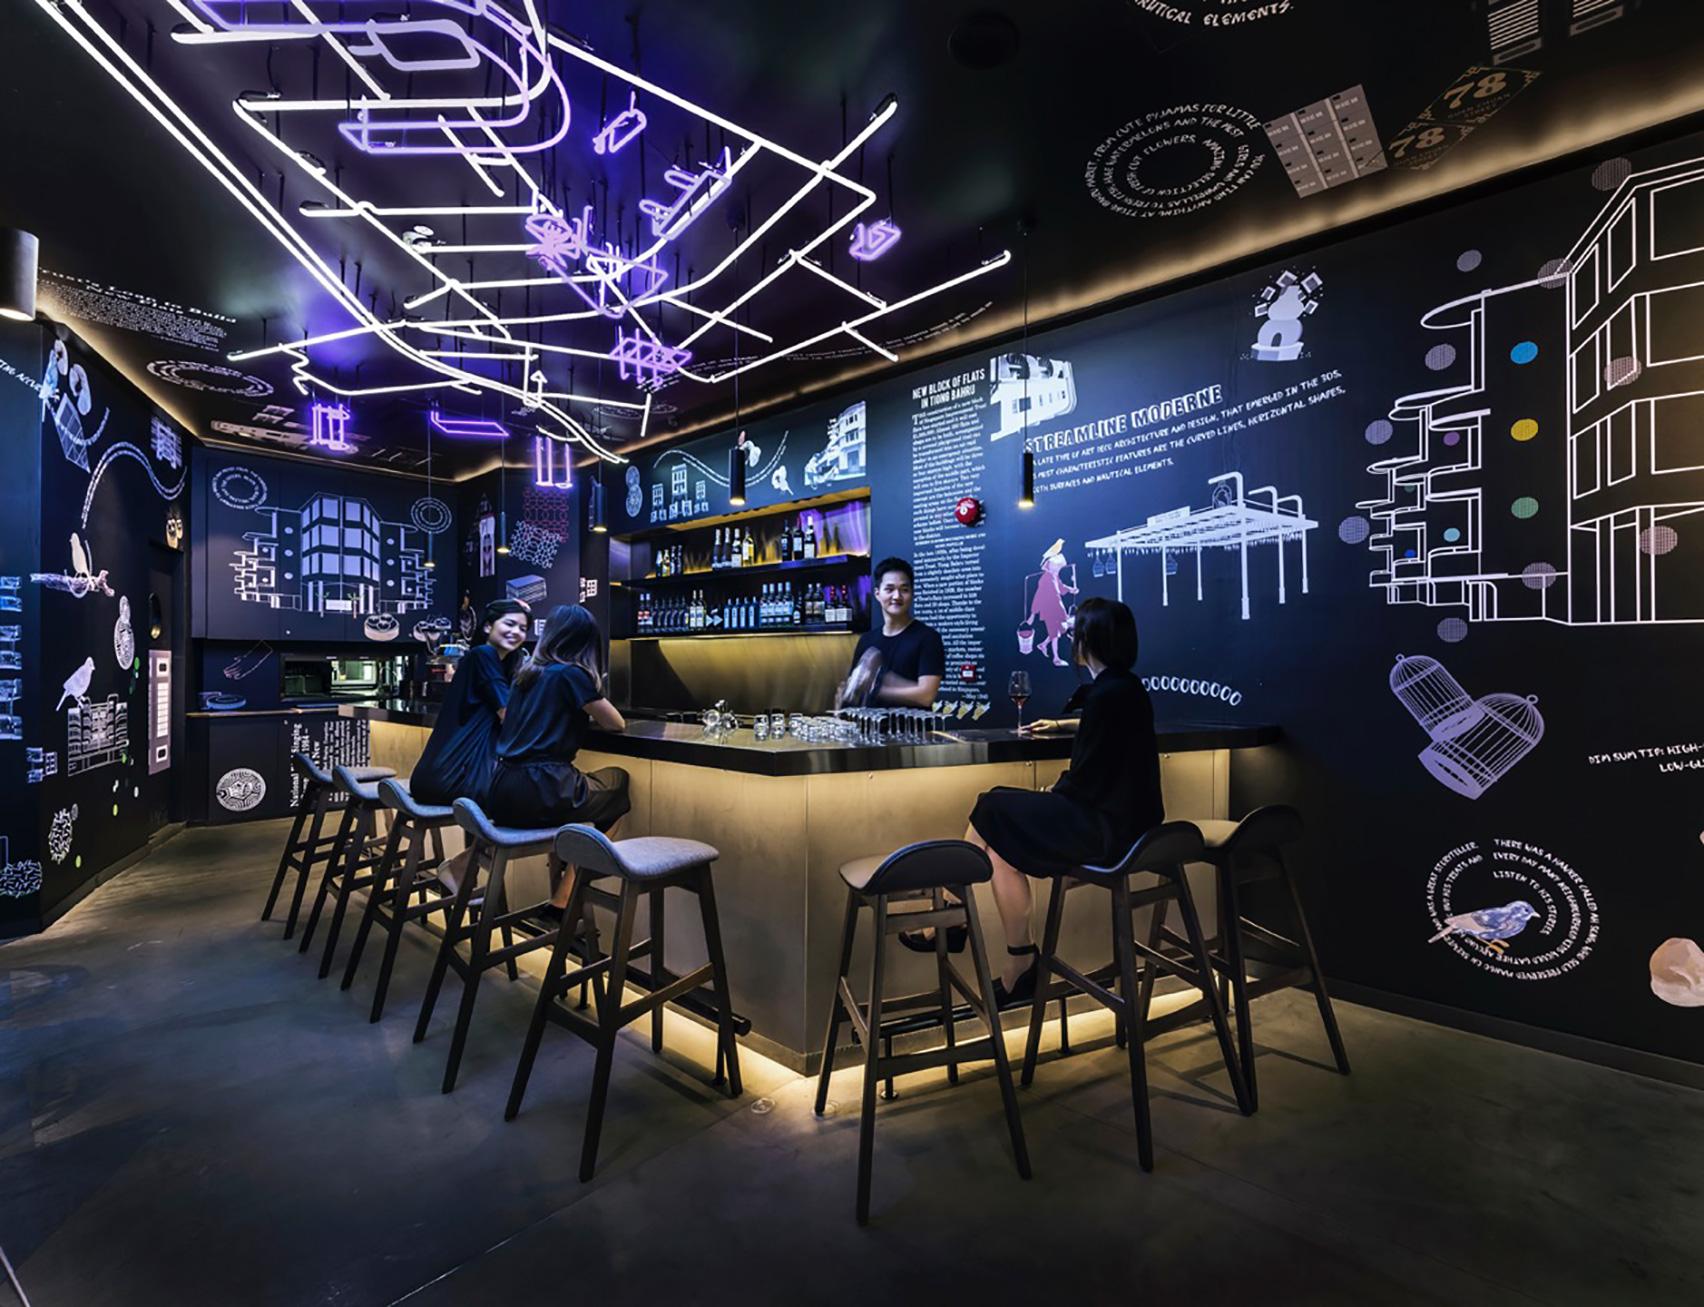 طراحی داخلی بوتیک هاستل - Cafe hostel COO 2 1